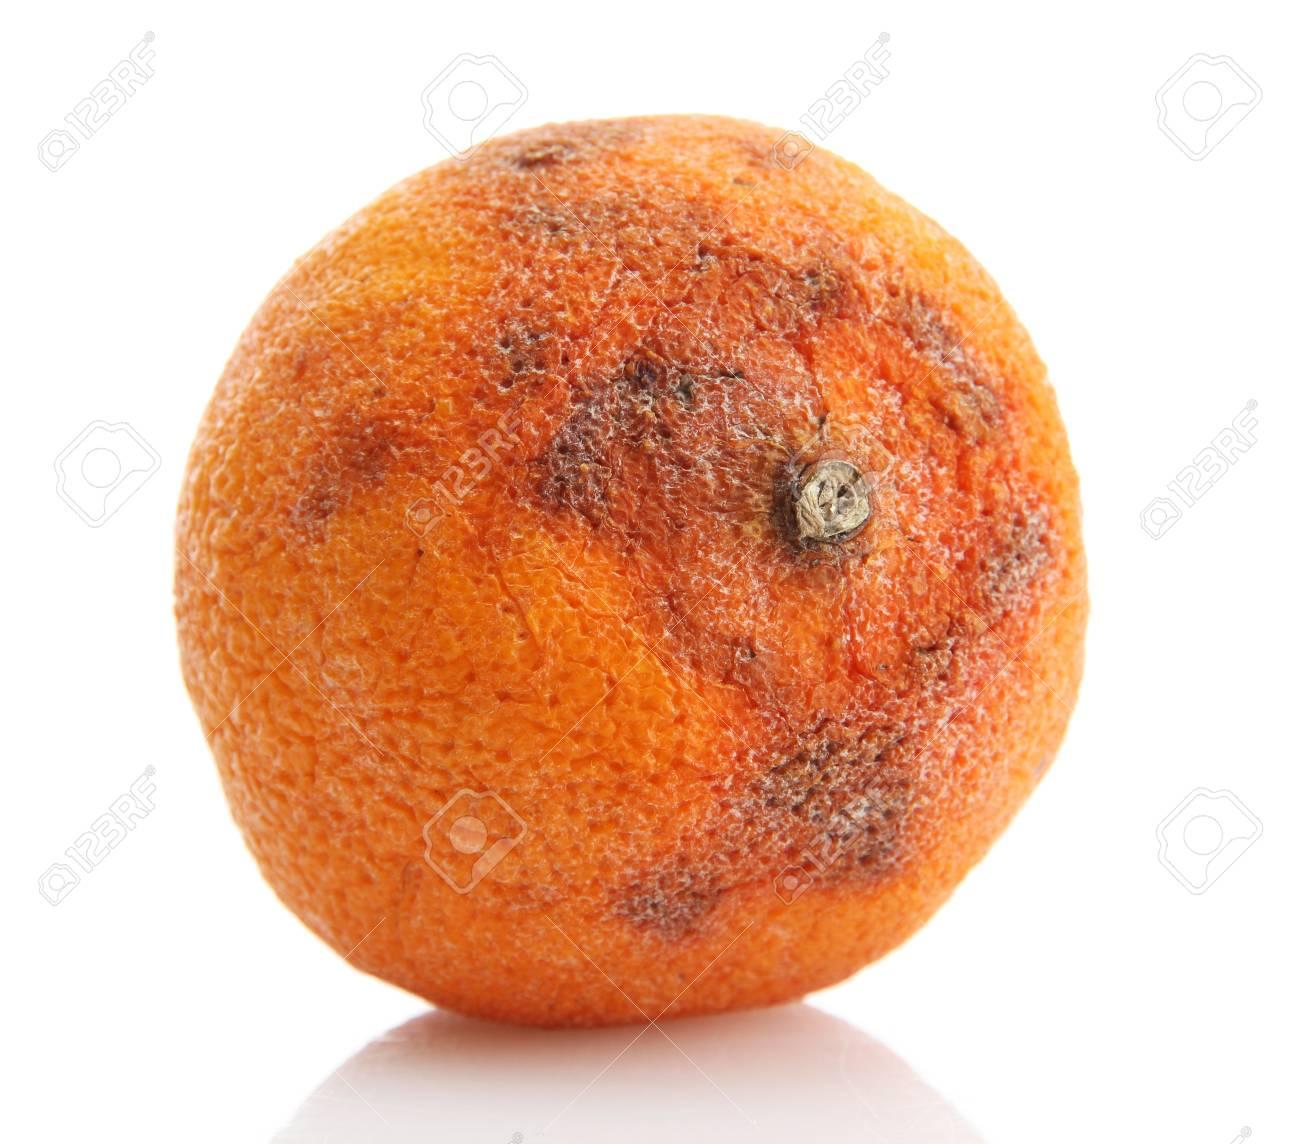 Rotten orange isolated on white Stock Photo - 15643403